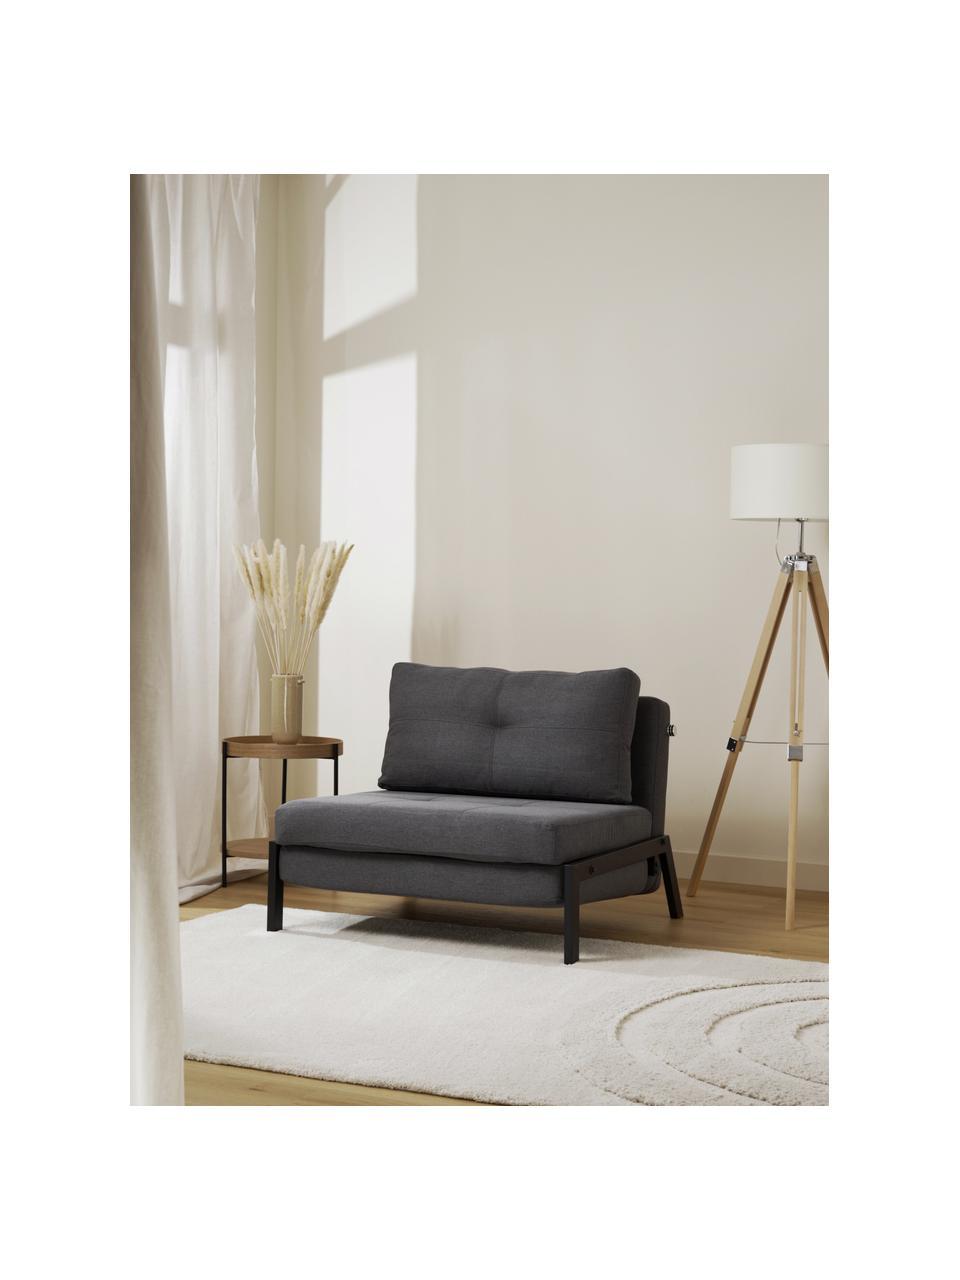 Slaapfauteuil Edward in donkergrijs met metalen poten, uitklapbaar, Bekleding: 100% polyester, Geweven stof donkergrijs, B 96  x D 98 cm